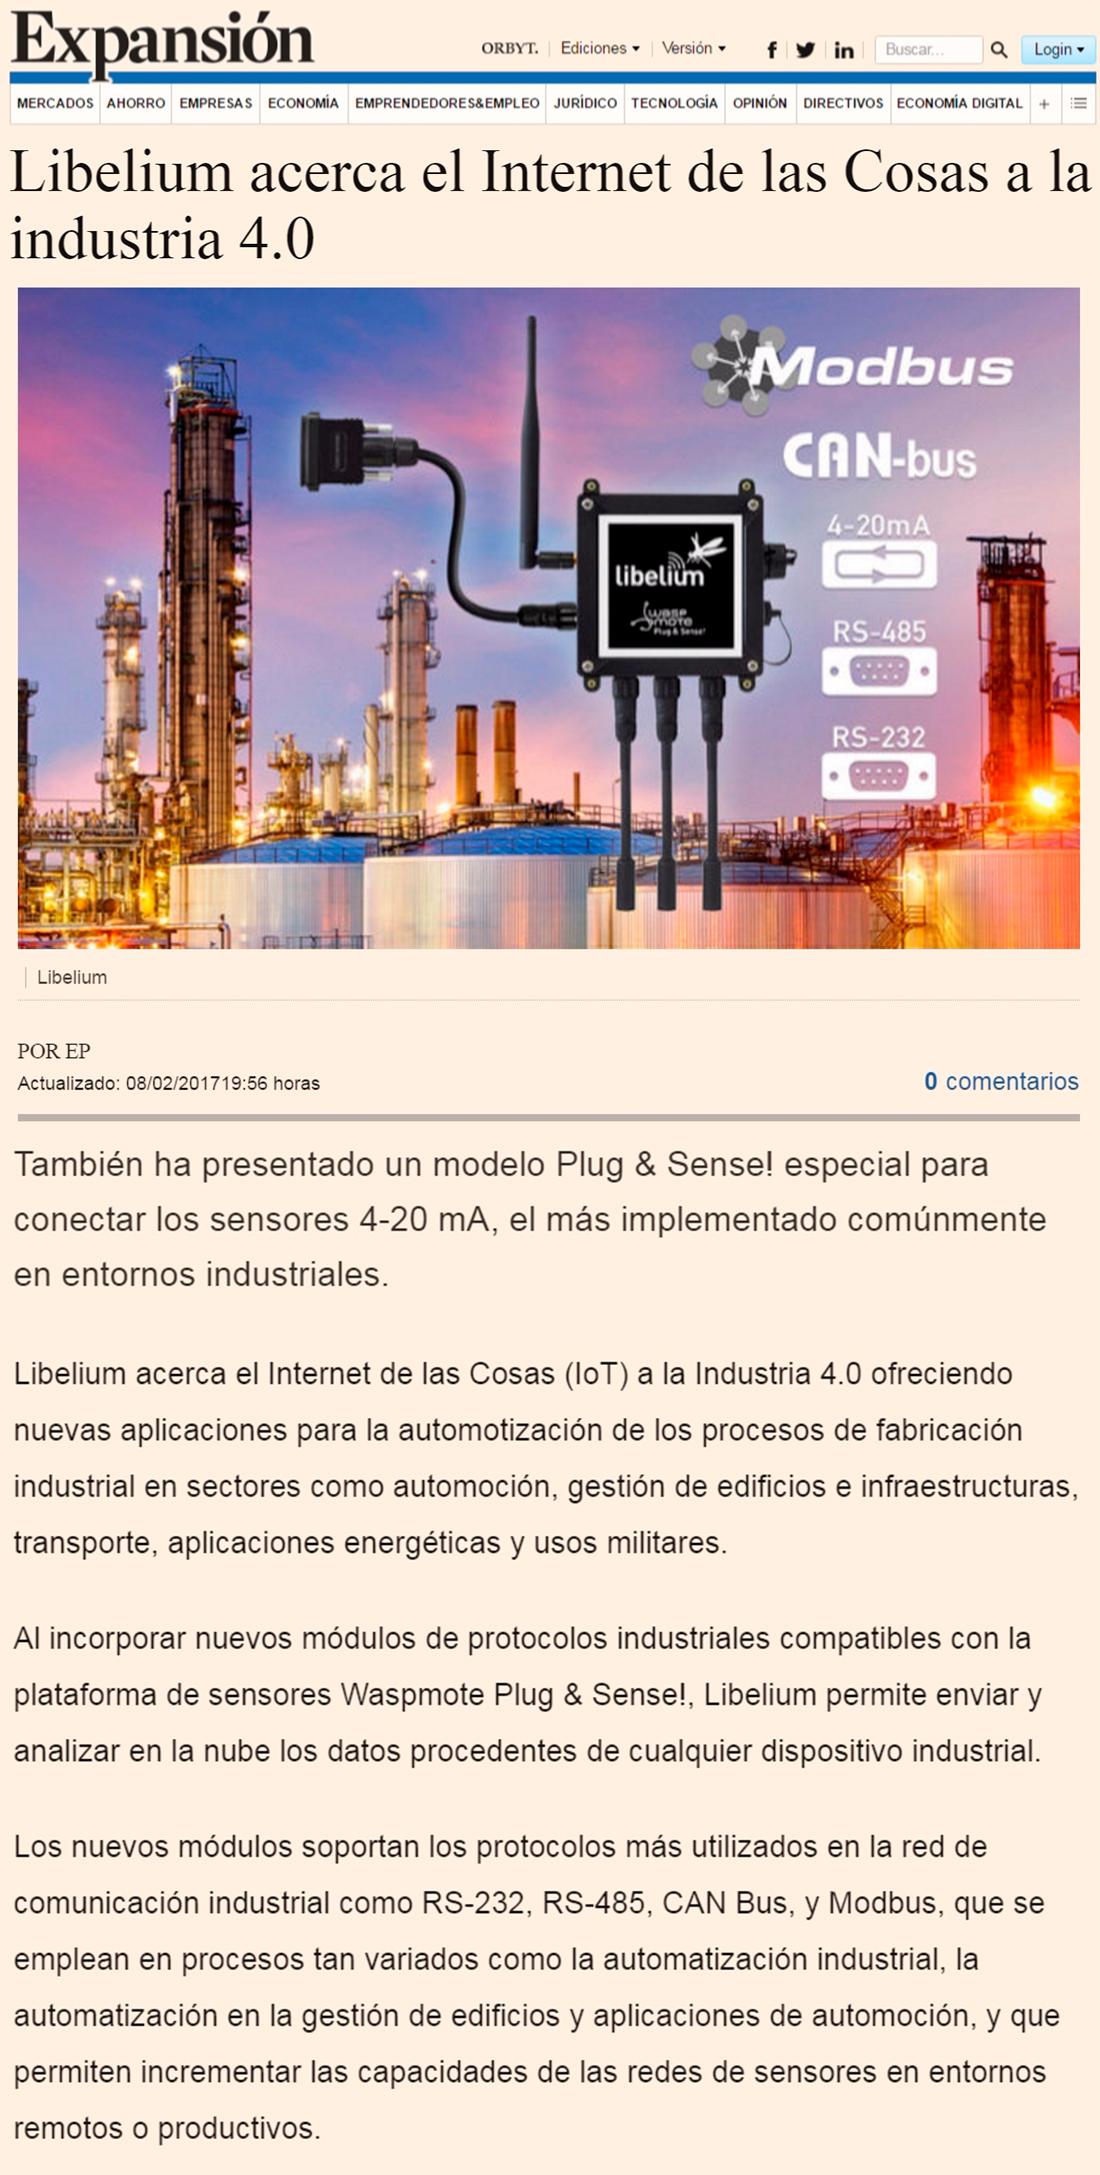 Expansión – Libelium acerca el Internet de las Cosas a la industria 4.0